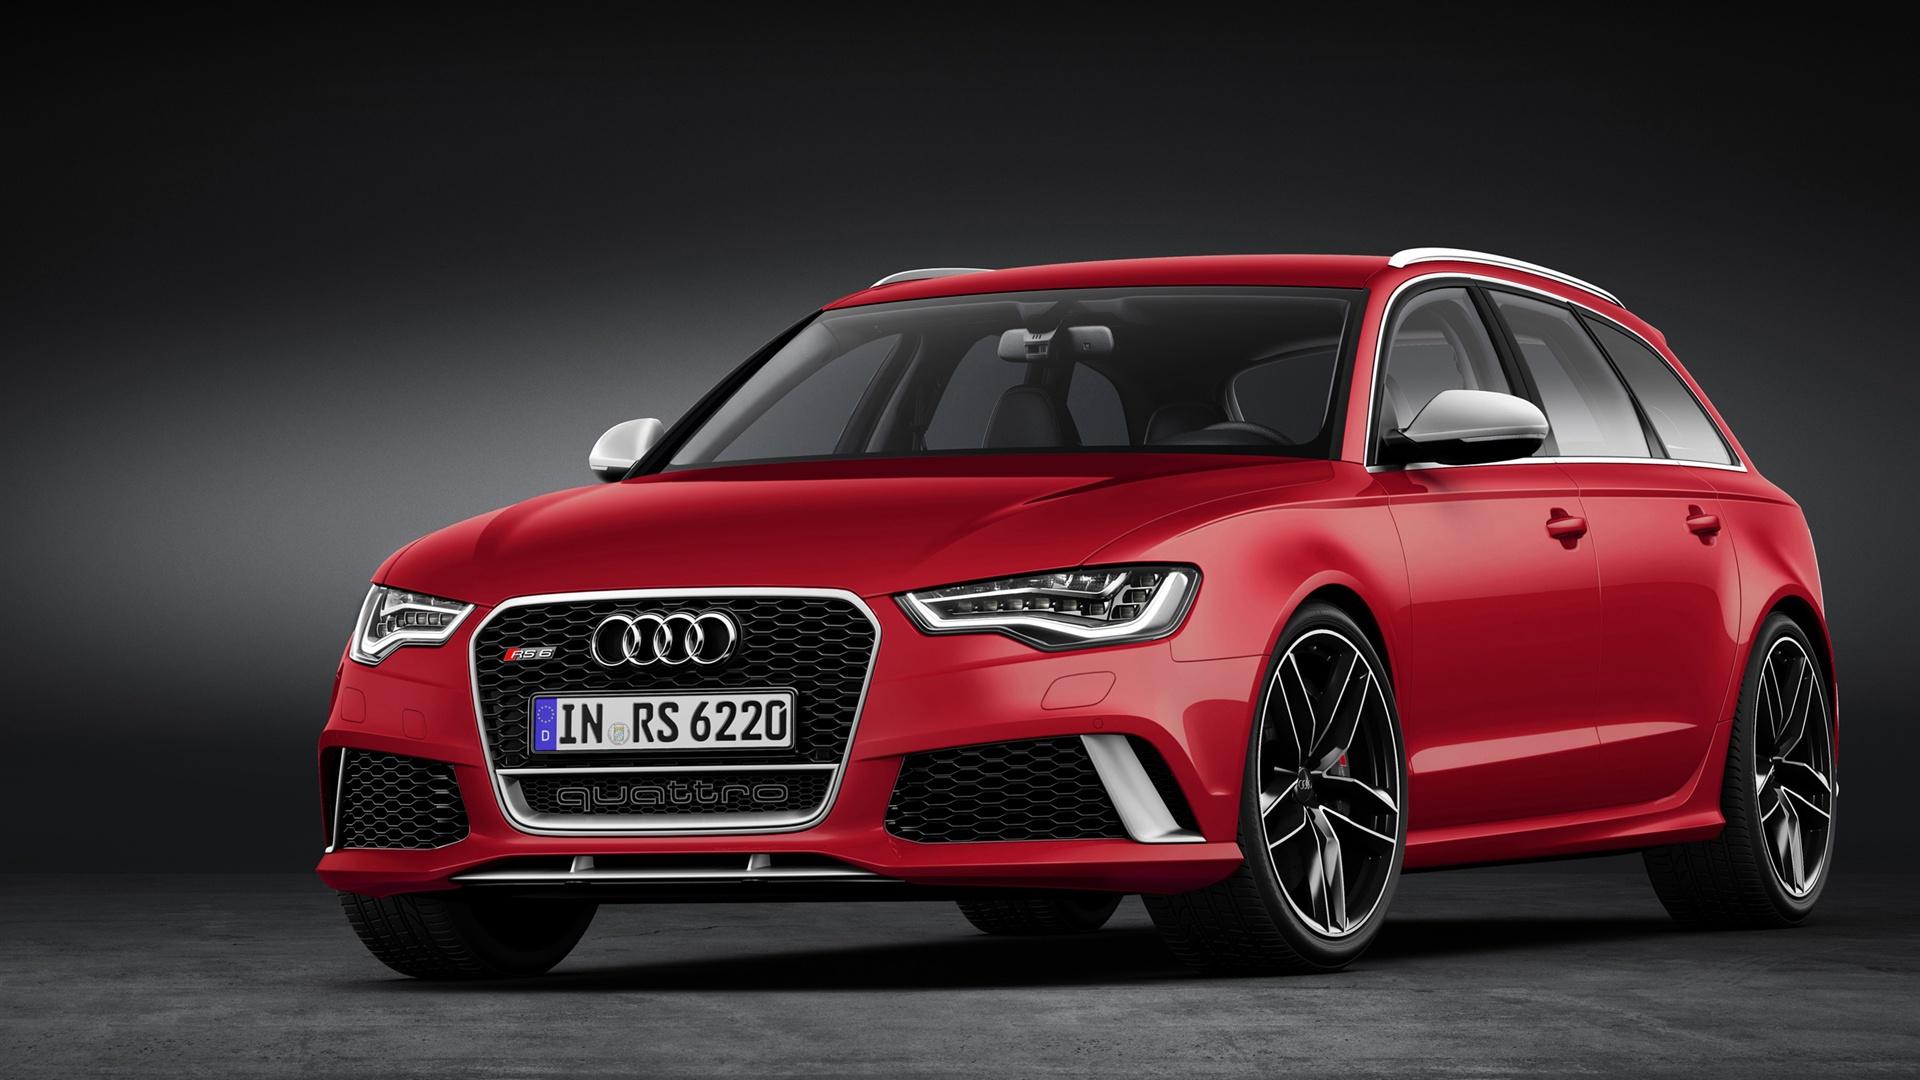 2013 Audi RS6 Avant 2560x1600 HD Hintergrundbilder, HD, Bild